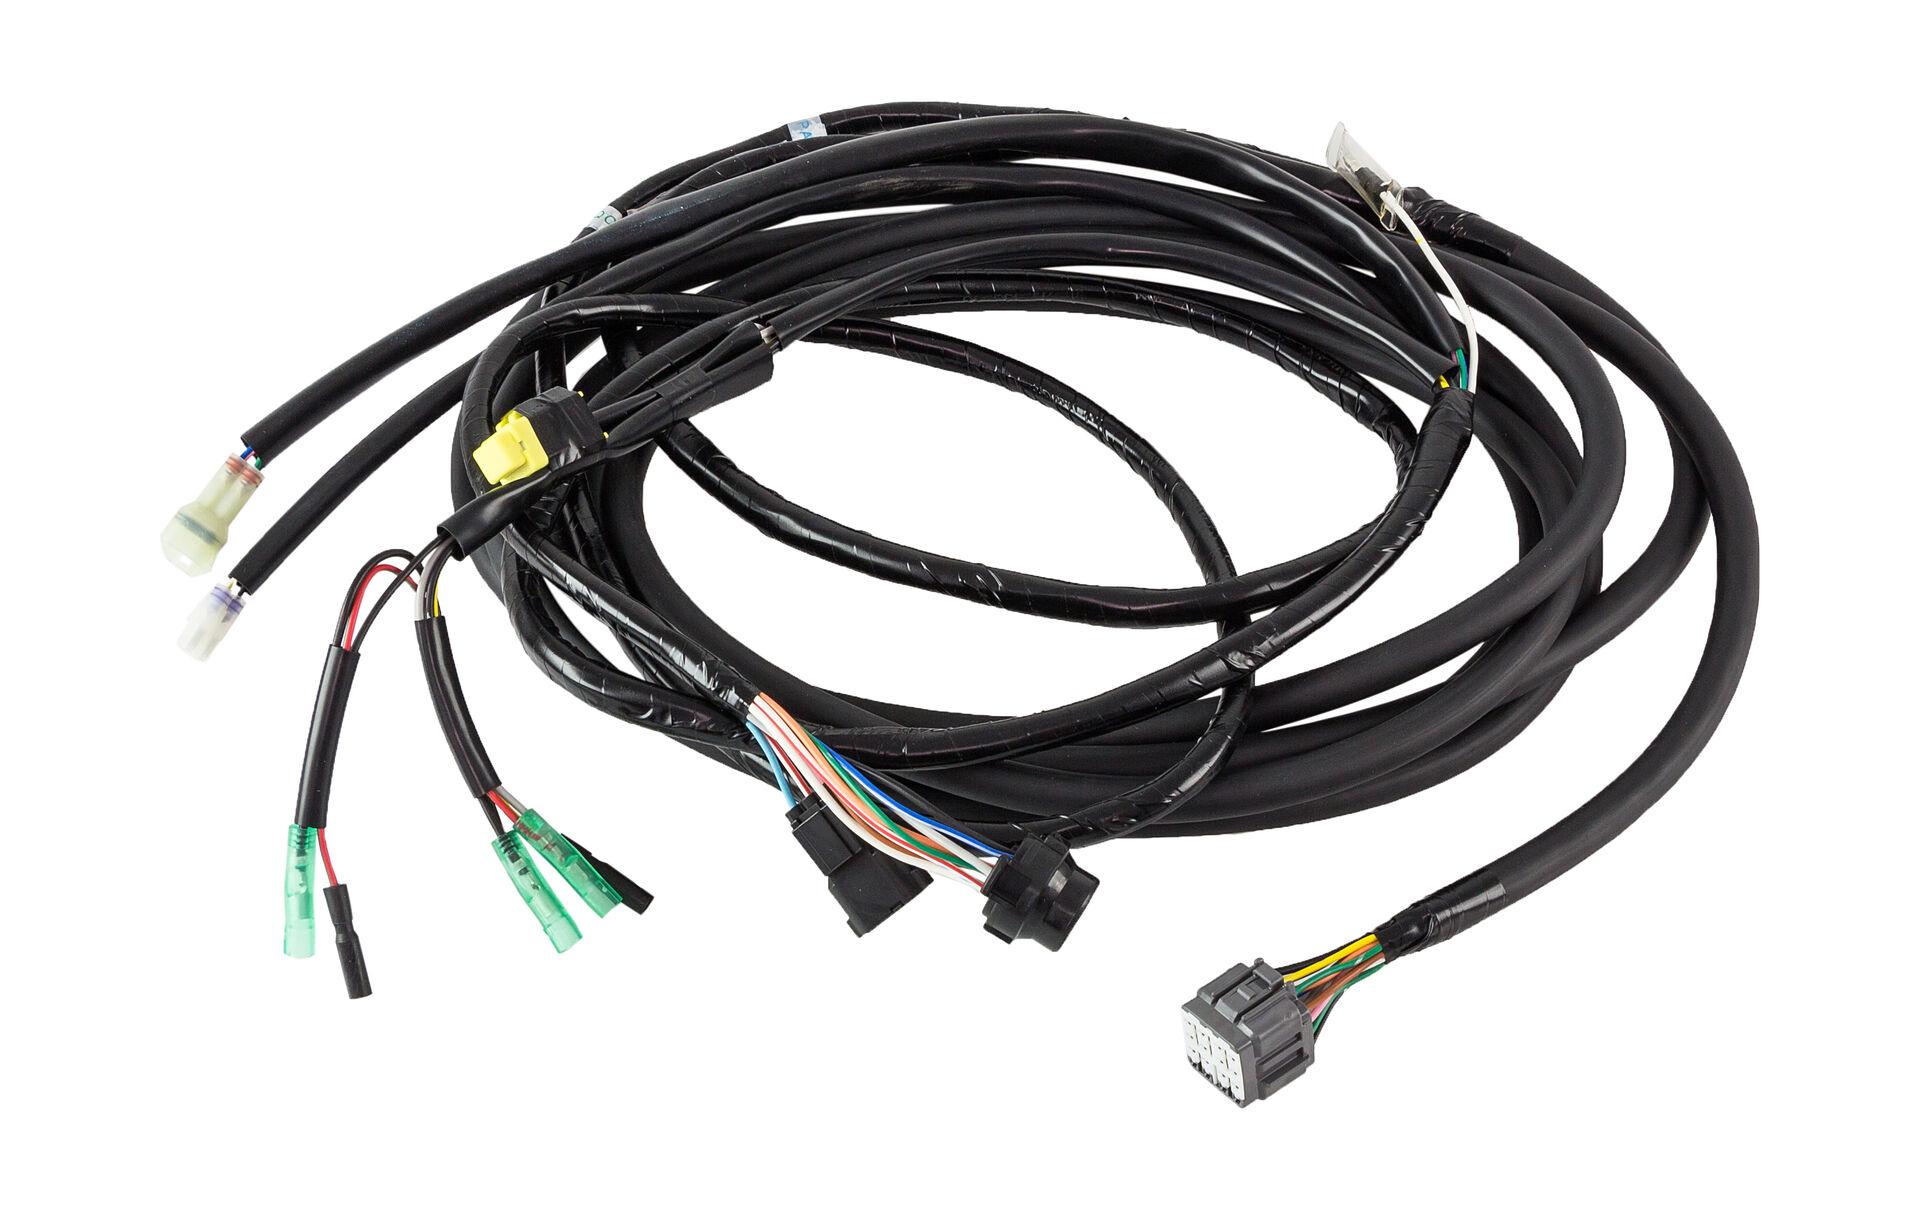 Remote Control Cable For Suzuki Df40a 250 6 5m